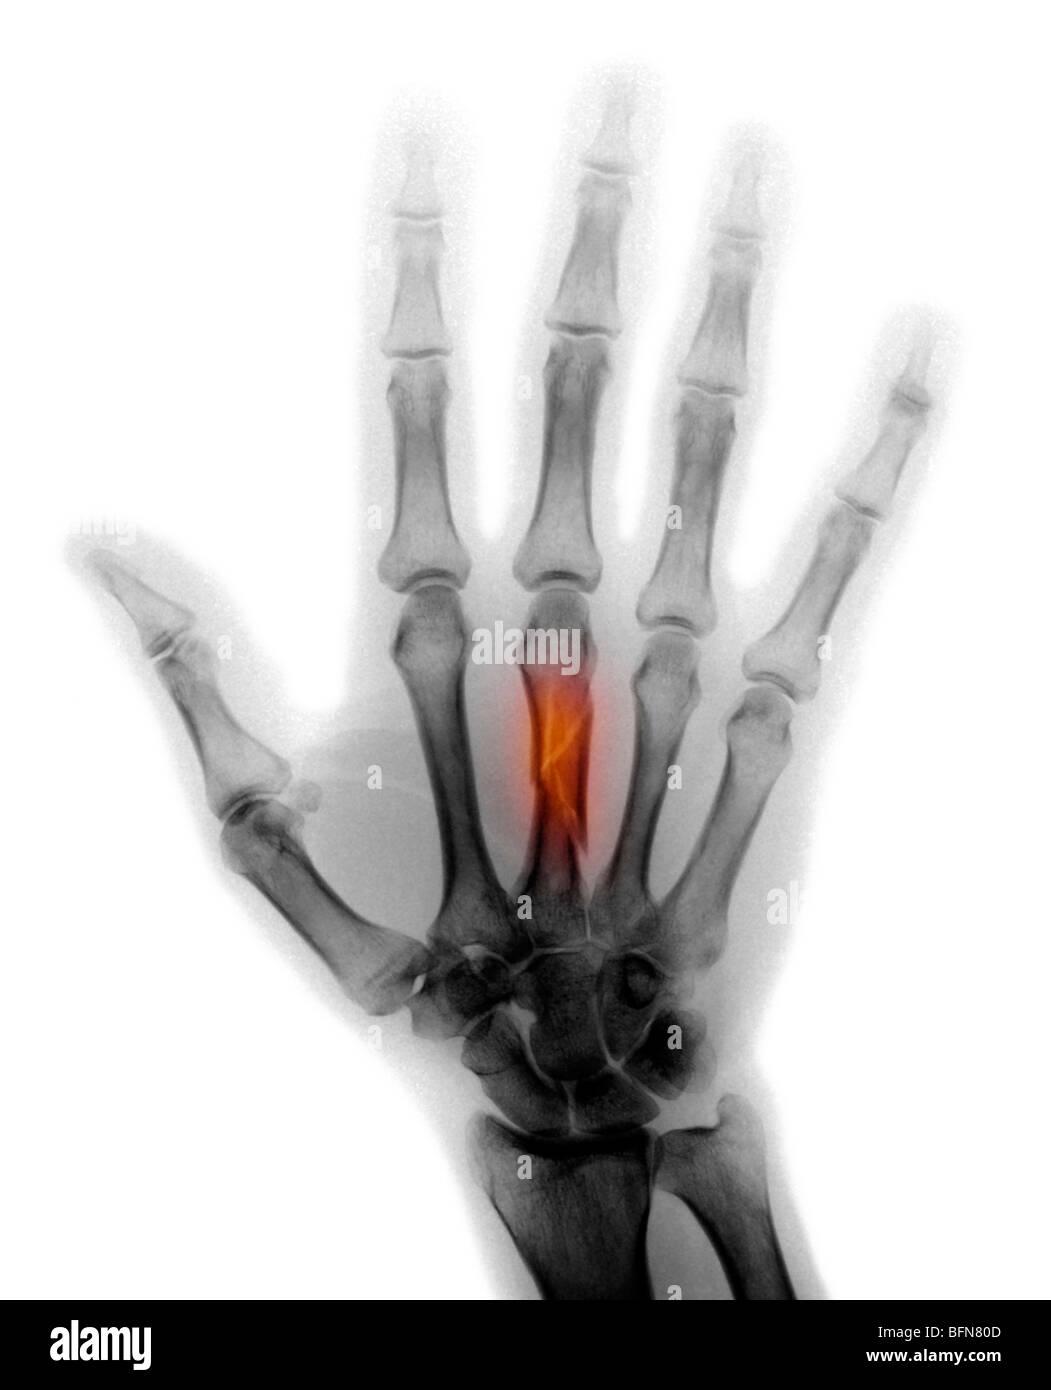 Mittelhandknochen gebrochen